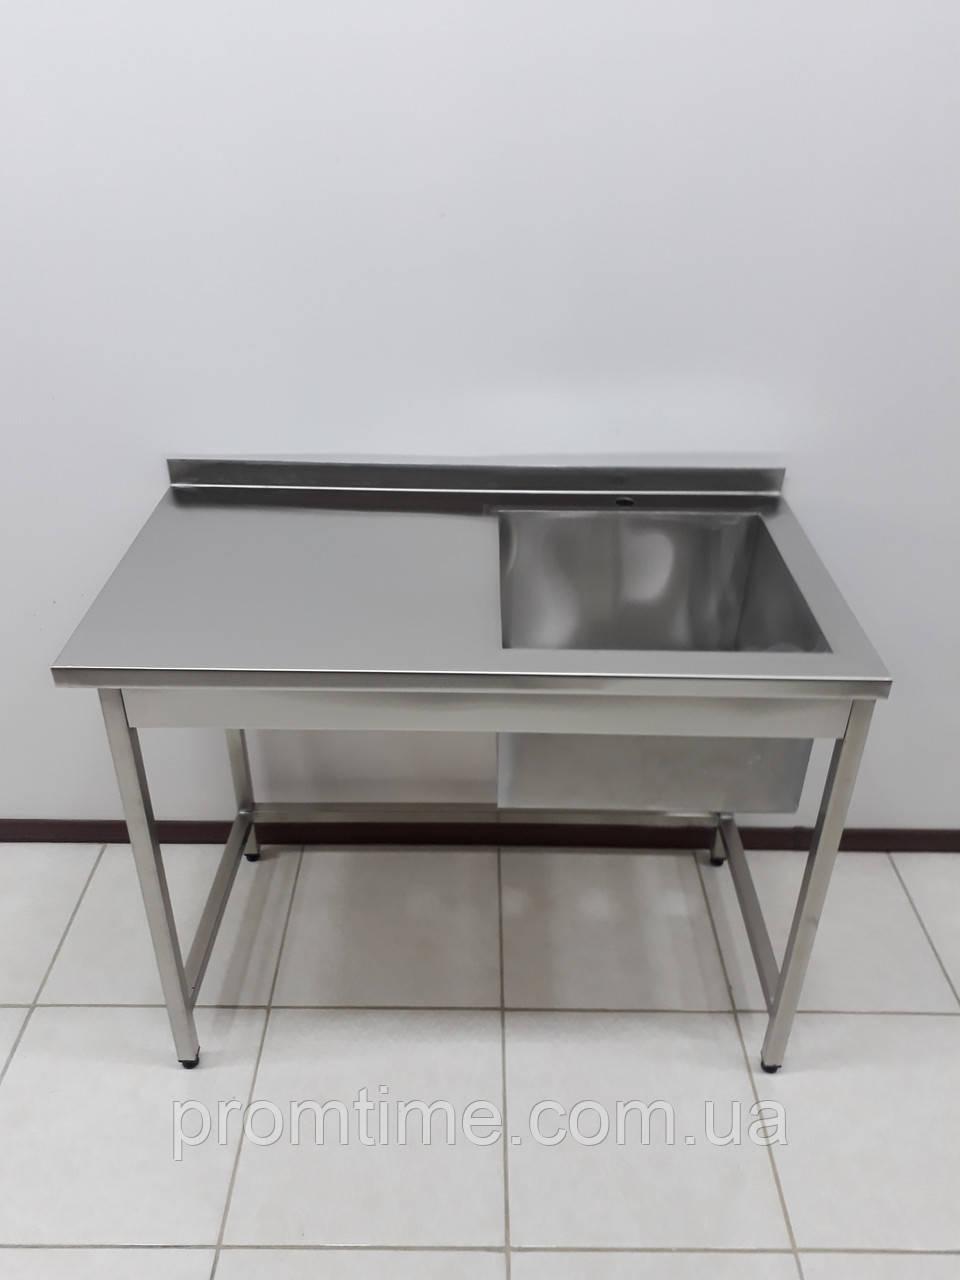 Стол мойка для ресторанной кухни из нержавеющей стали 1100х600х850